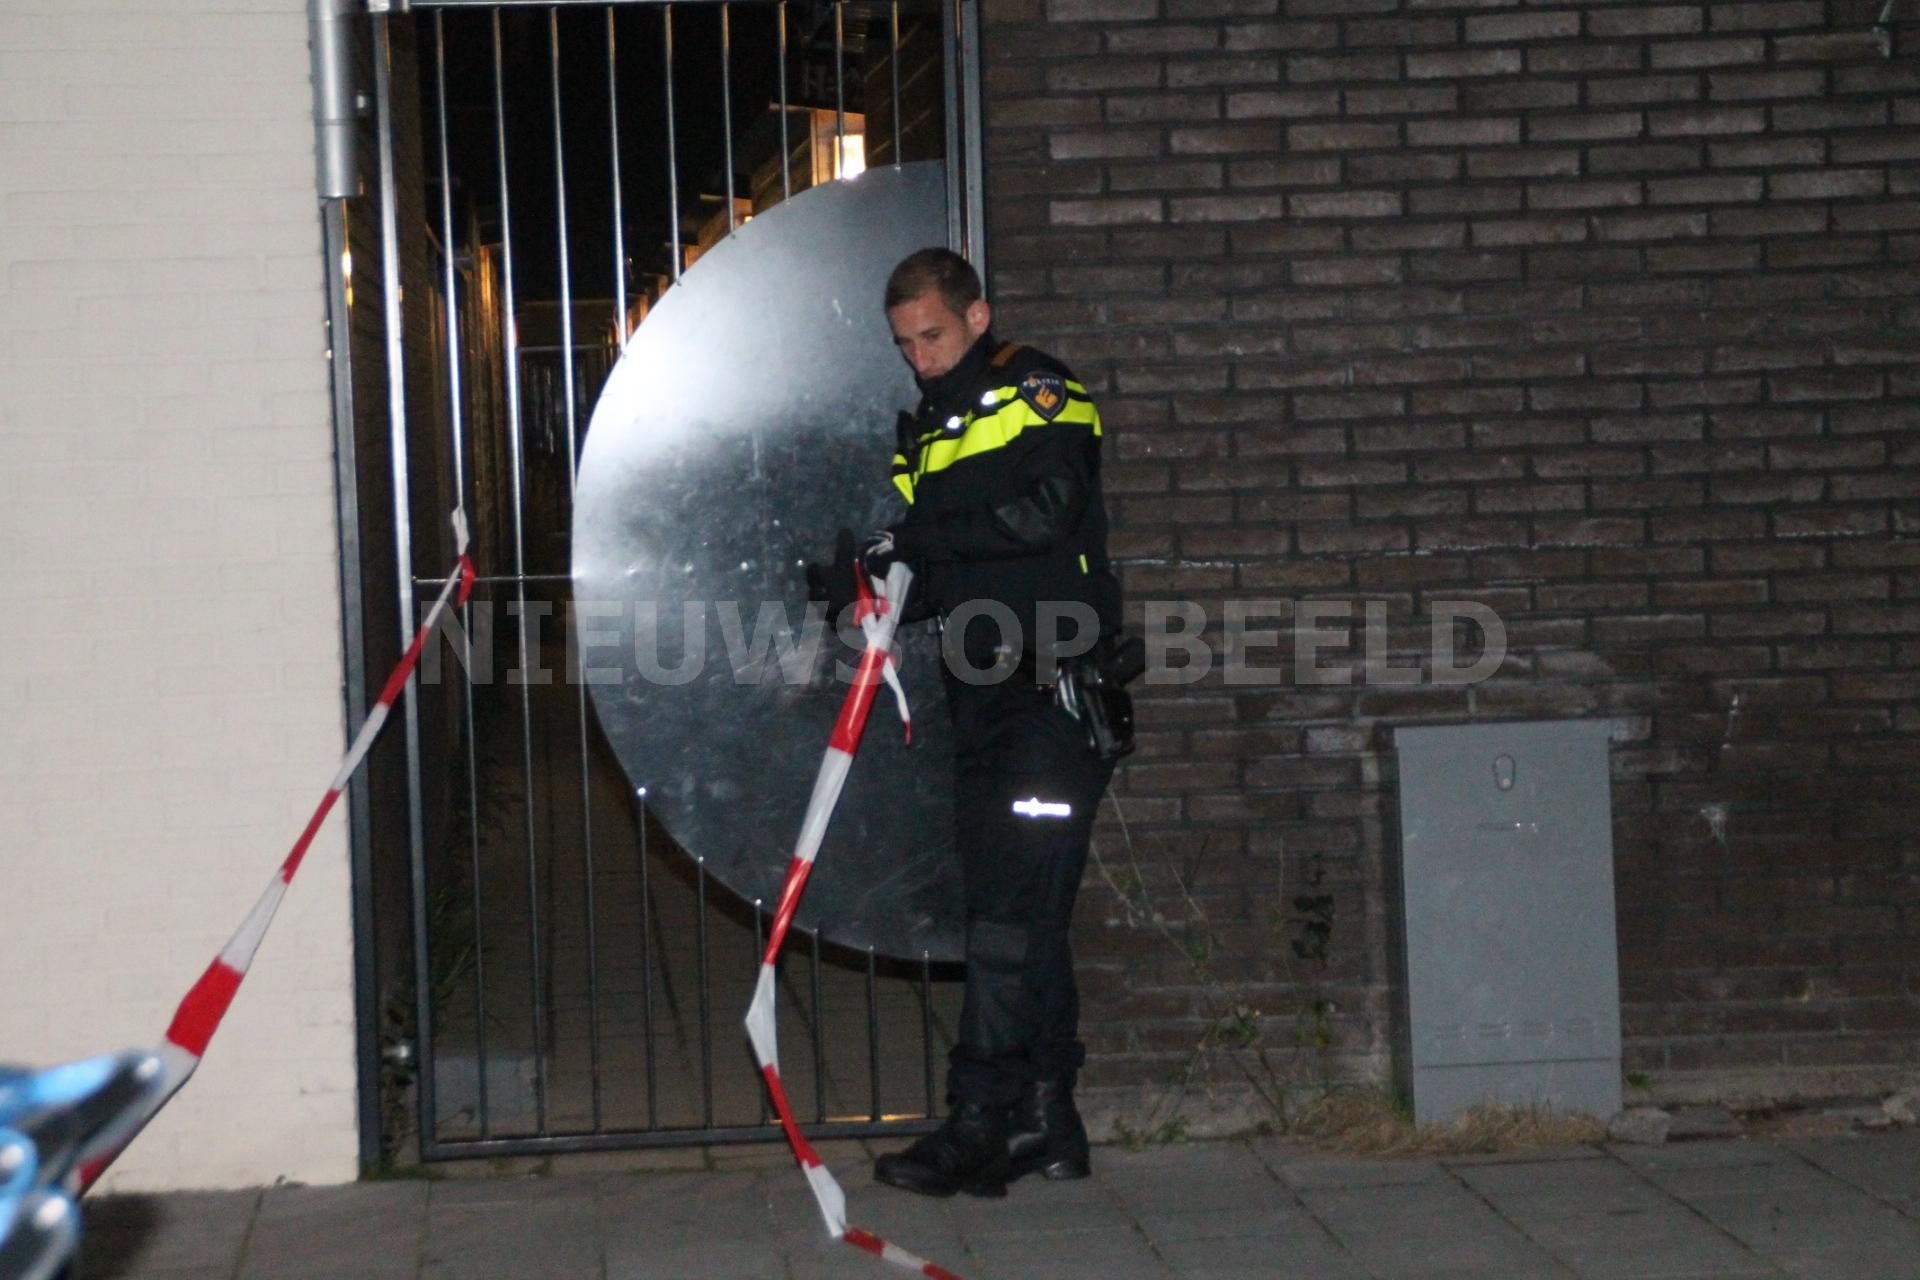 Basisteam Schiedam eigen politie account